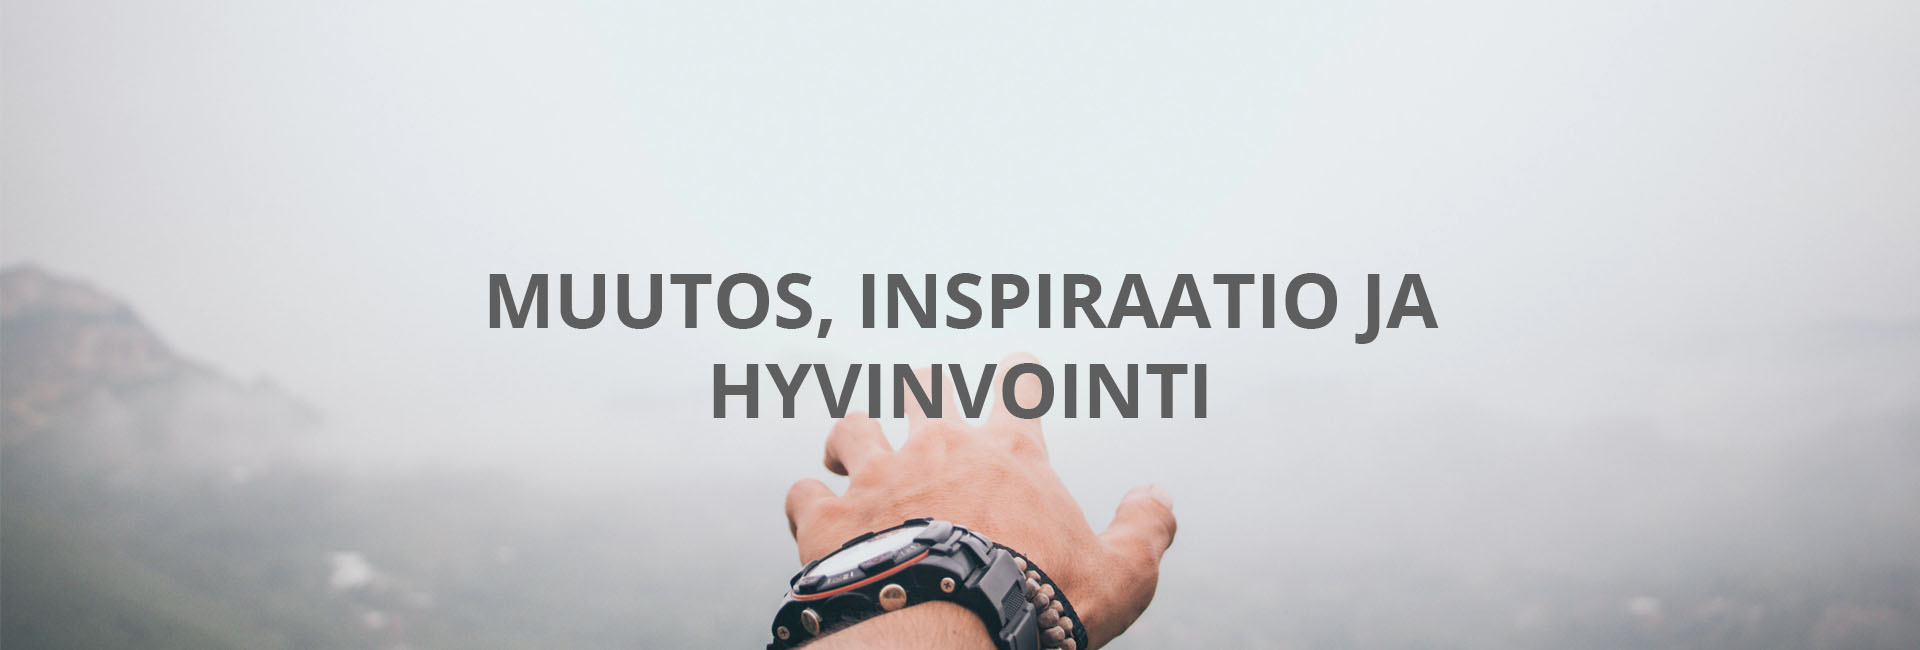 Muutos, inspiraatio ja hyvinvointi